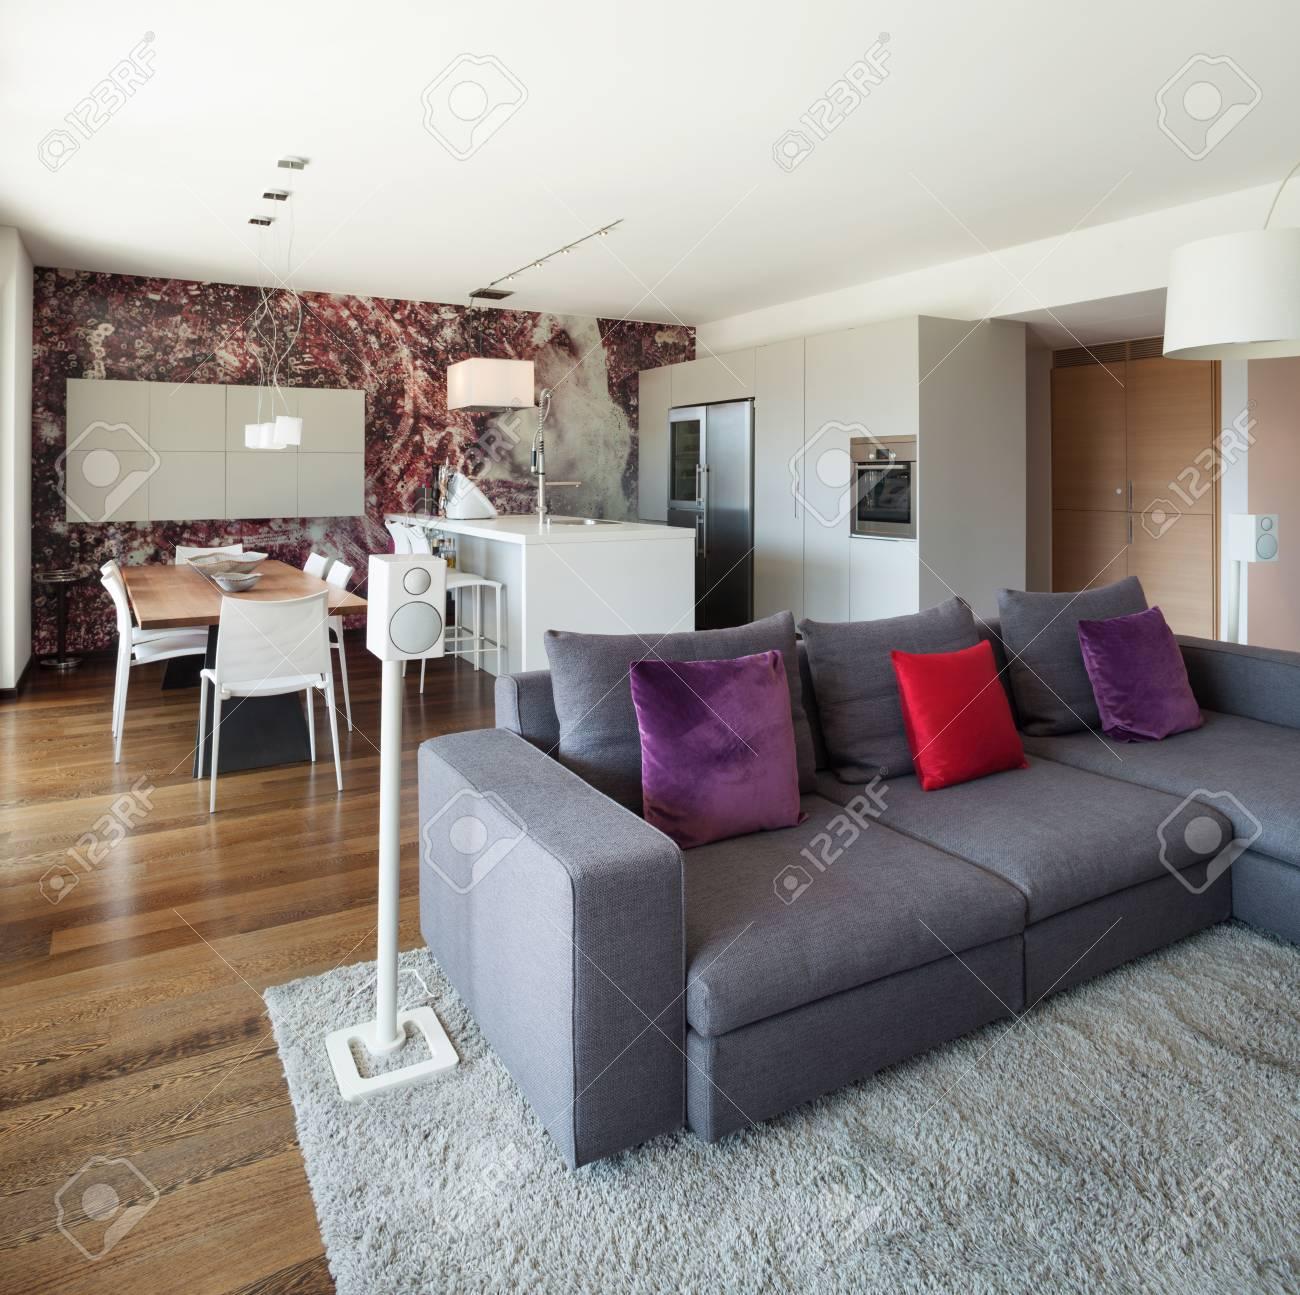 interieur de maison moderne beau salon meuble banque d images et photos libres de droits image 49781095